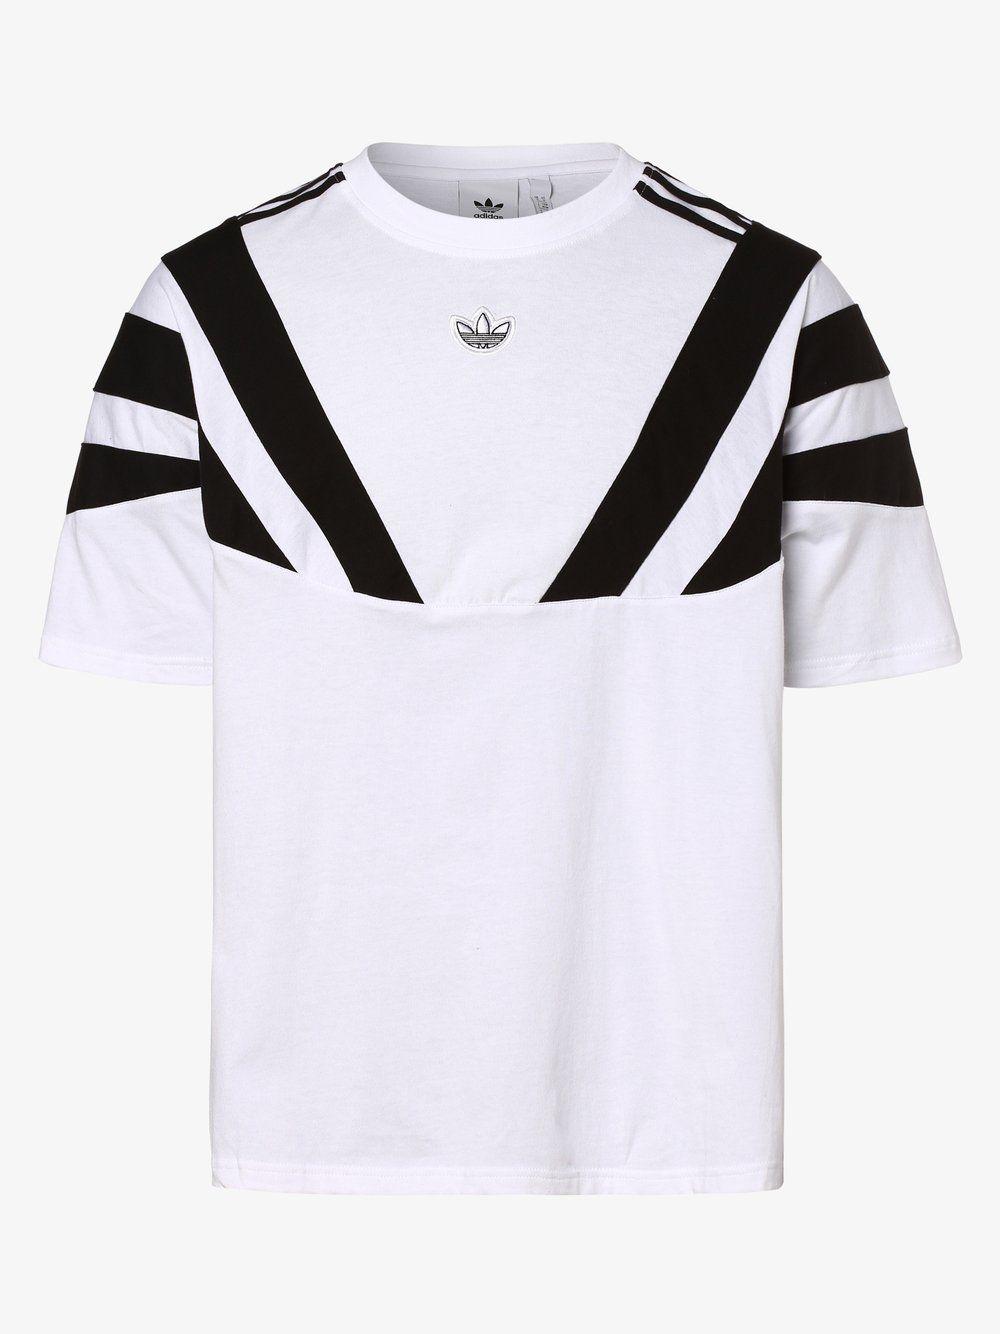 Adidas Originals T Shirt Weiss Herren T Shirt Shirts Adidas Originals Herren